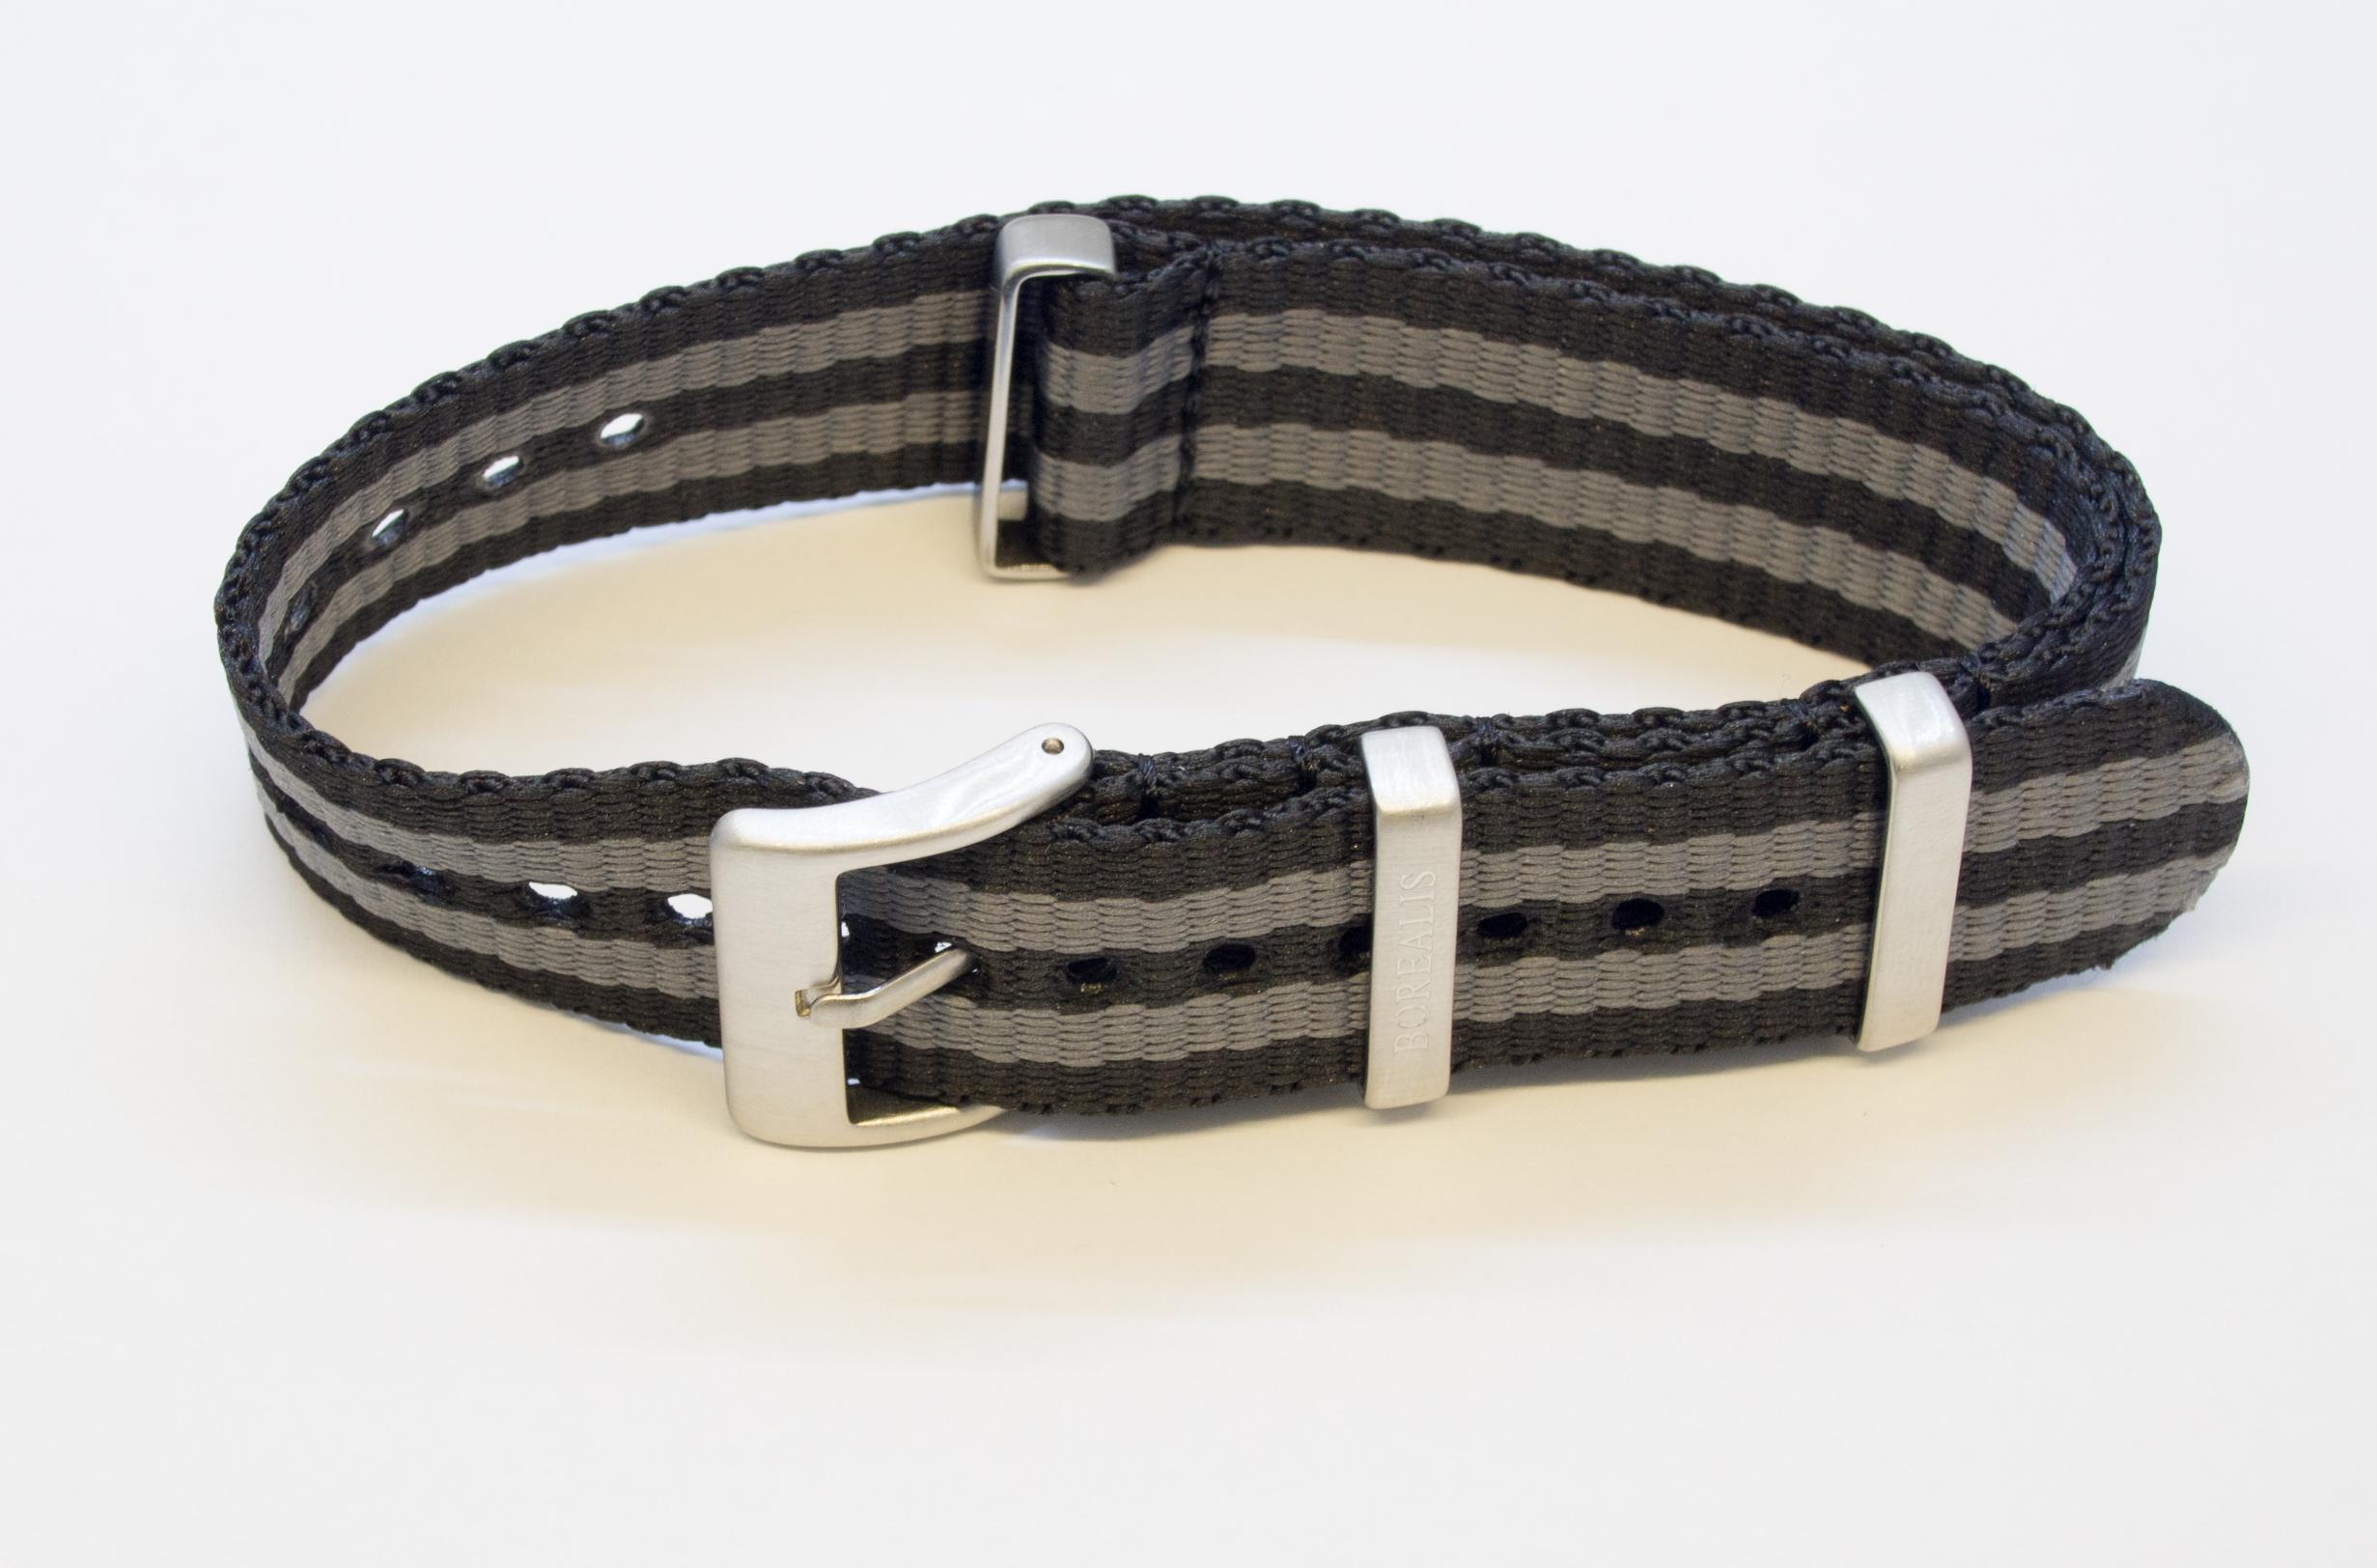 Borealis Nato Style Premium Nylon Strap 20mm Black Grey